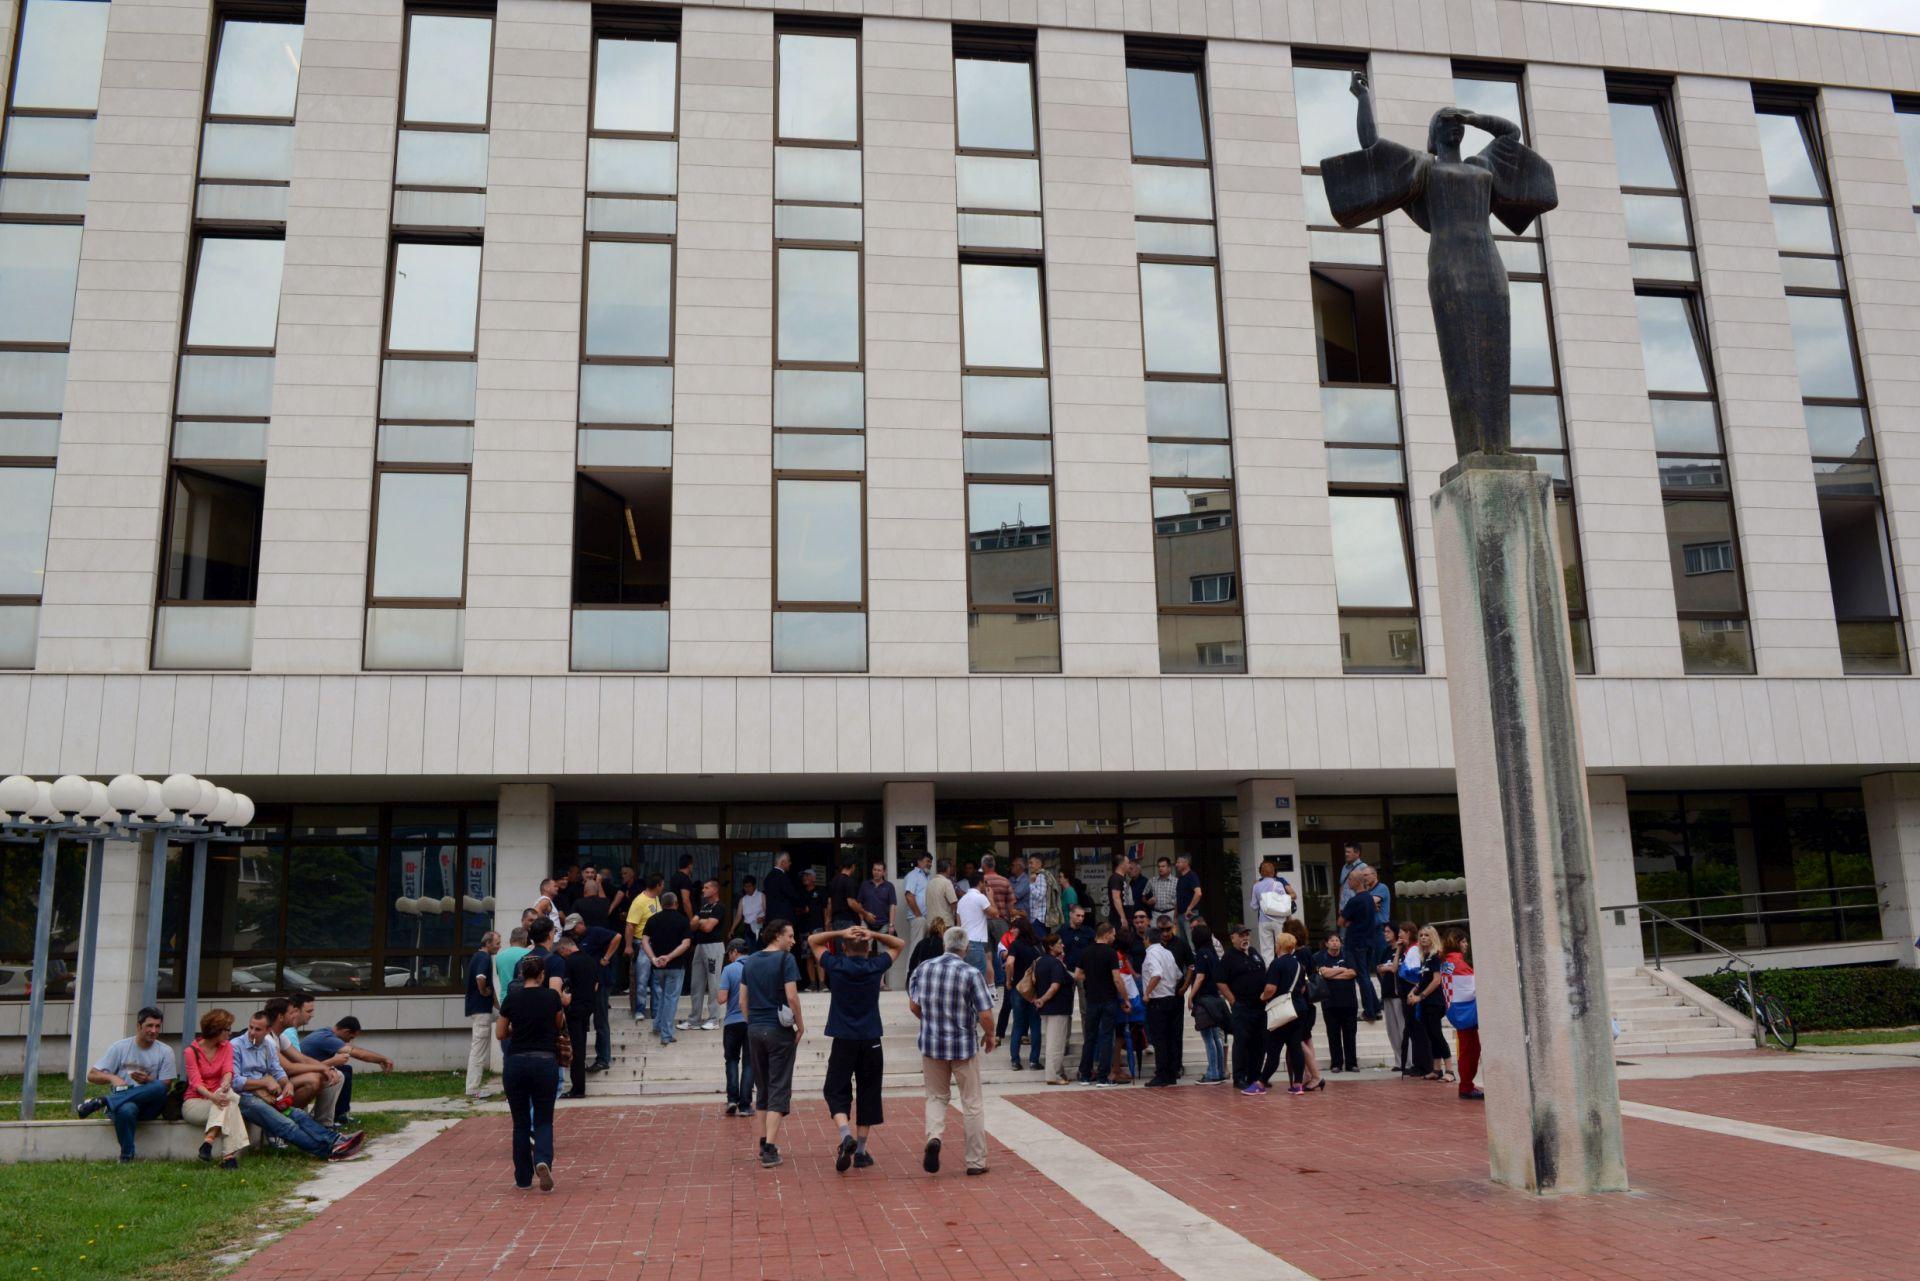 SPLITSKI ŽUPANIJSKI SUD: Prepolovljen broj nerješenih slučajeva